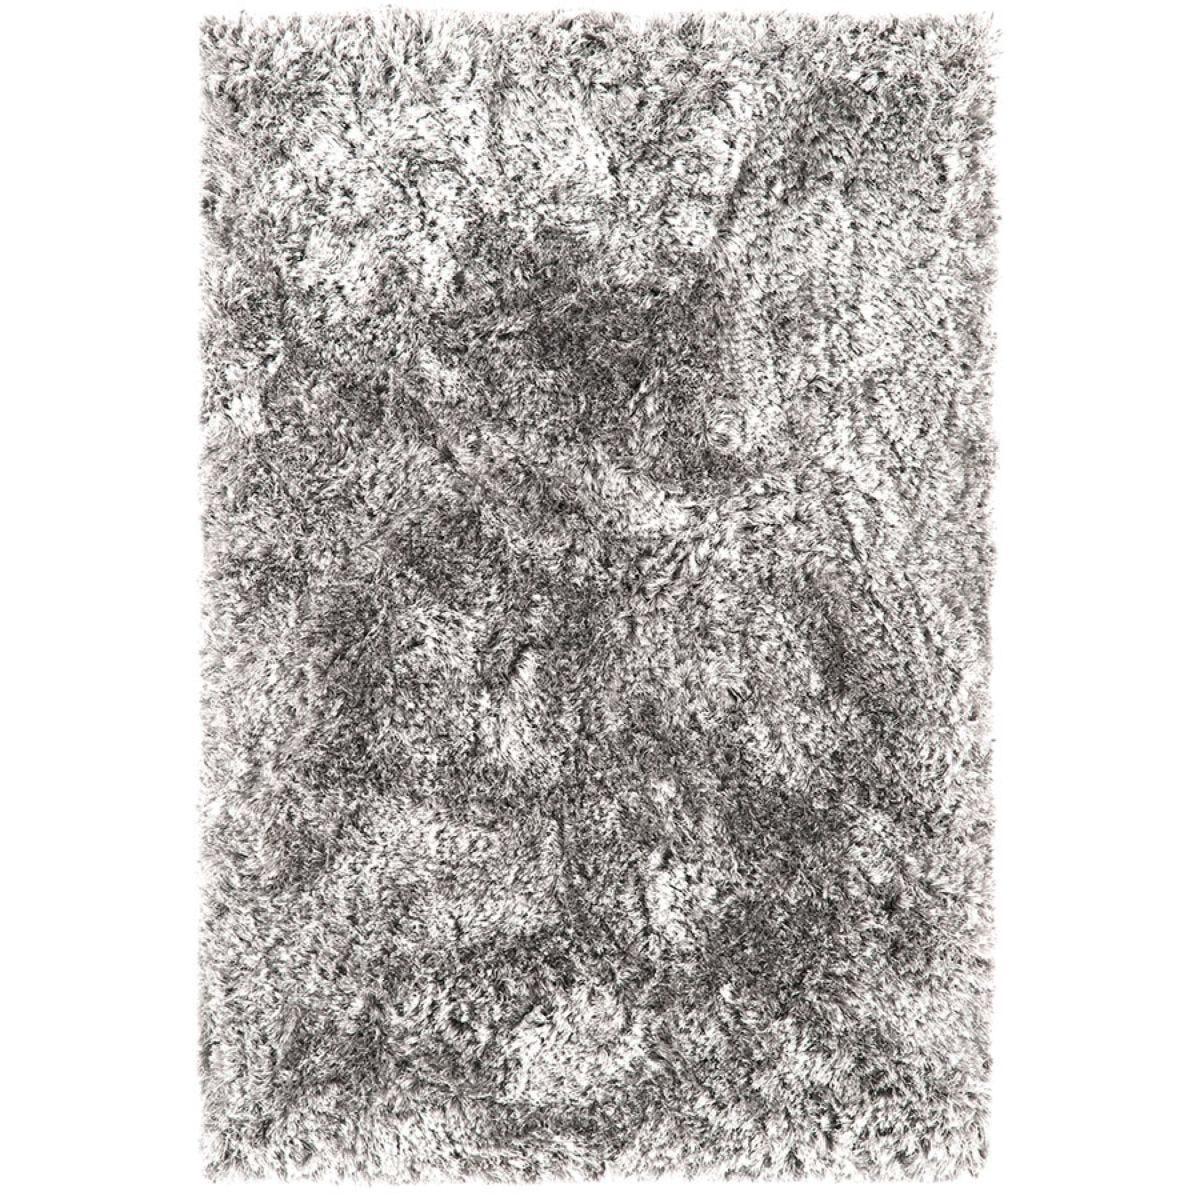 Asiatic Plush Shaggy Rug, 140 x 200cm - Silver